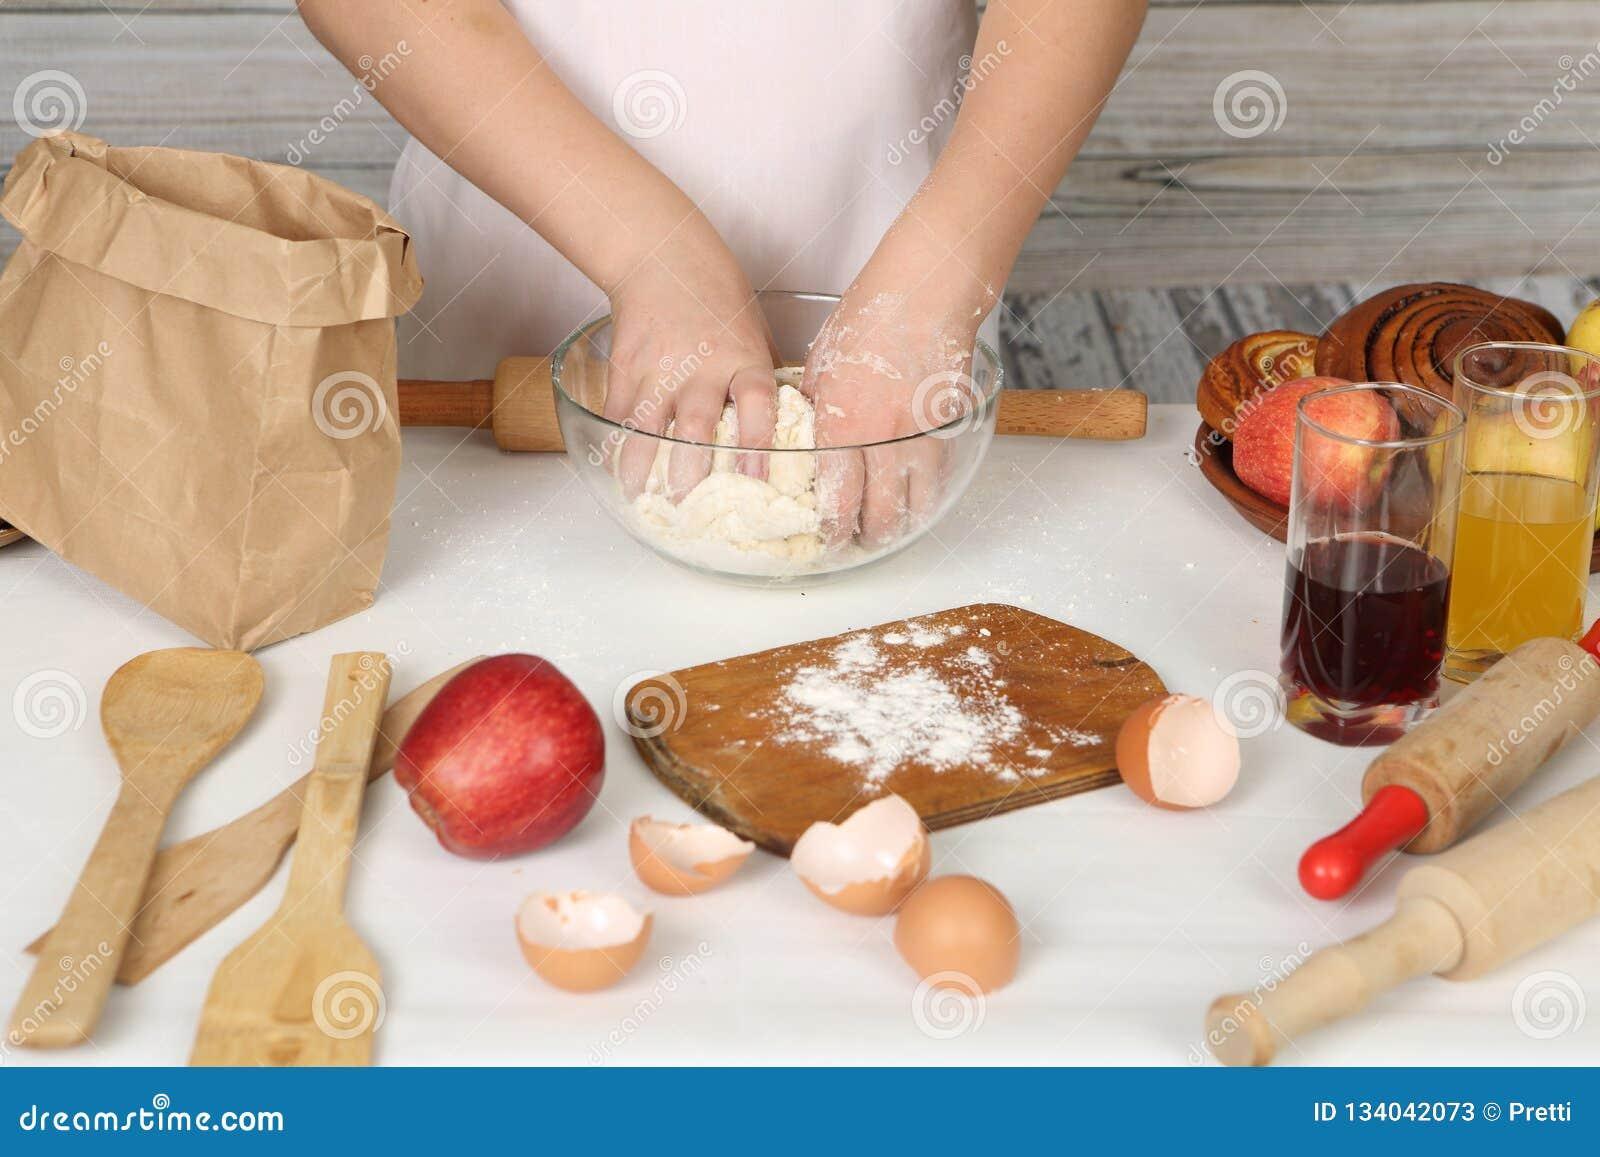 Le mani dei bambini producono la torta da pasticceria